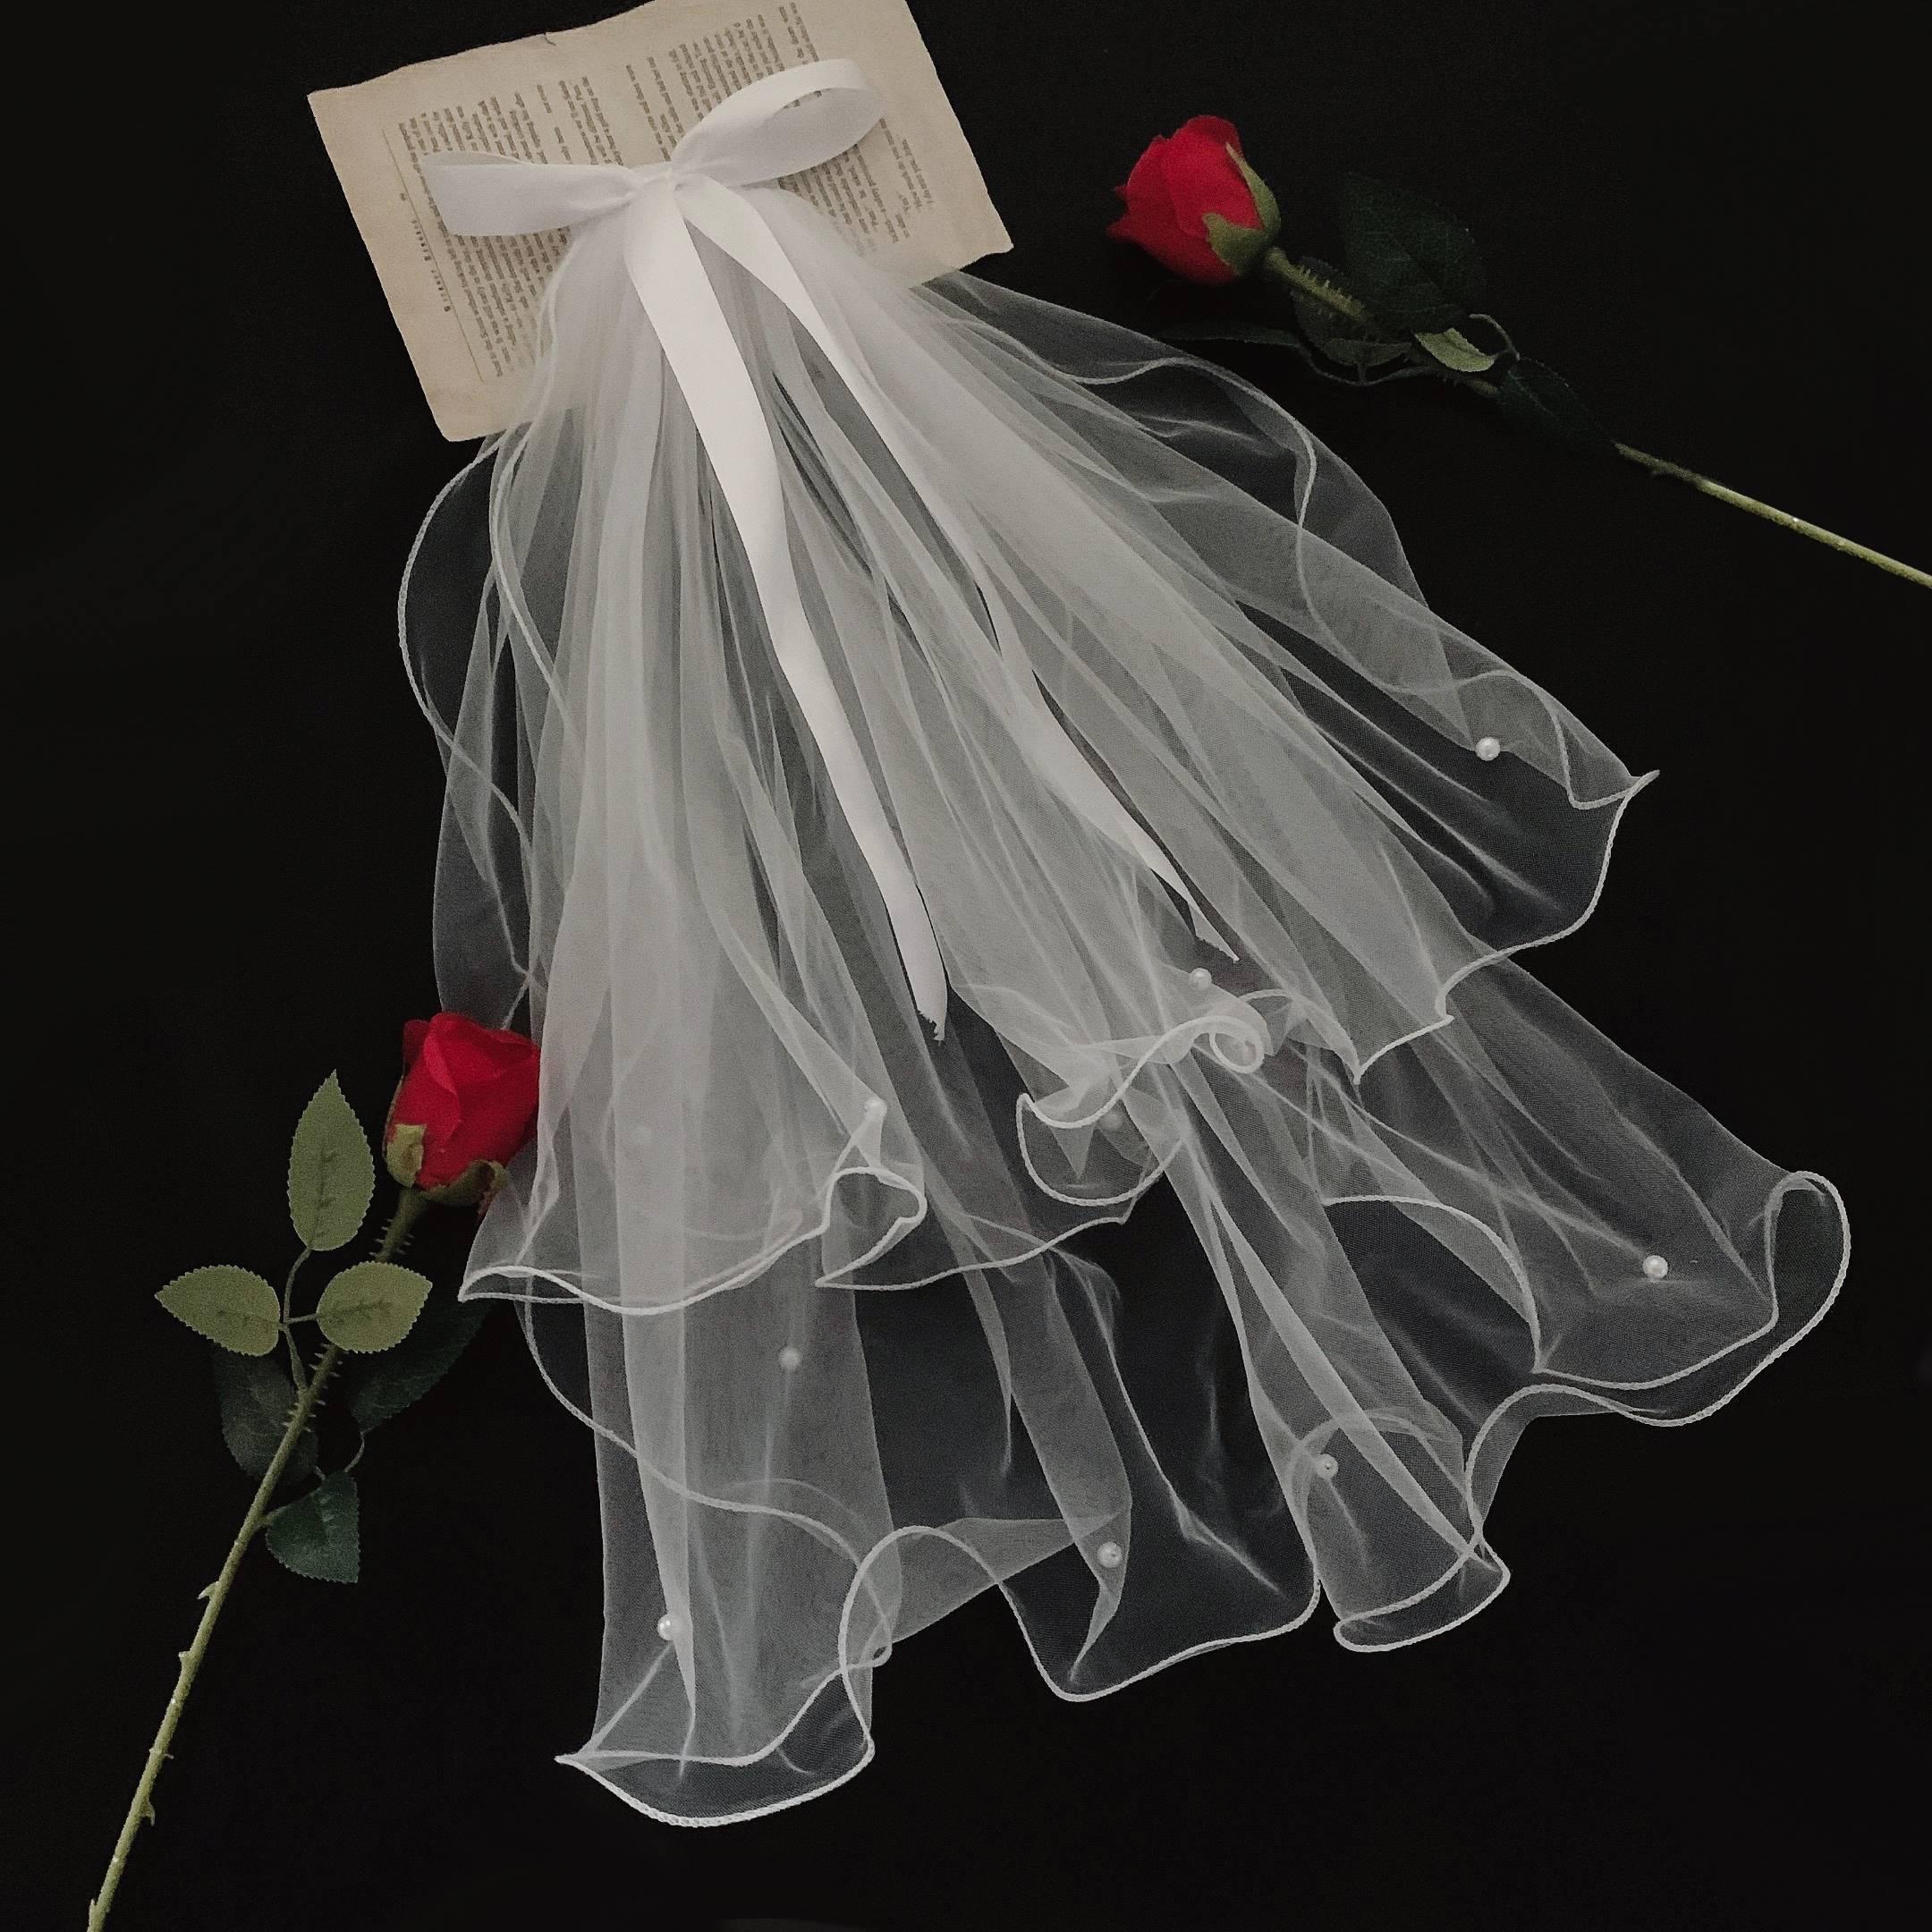 新娘头饰仙气订婚白纱婚纱2021年新款王冠女十八岁生日公主头发饰